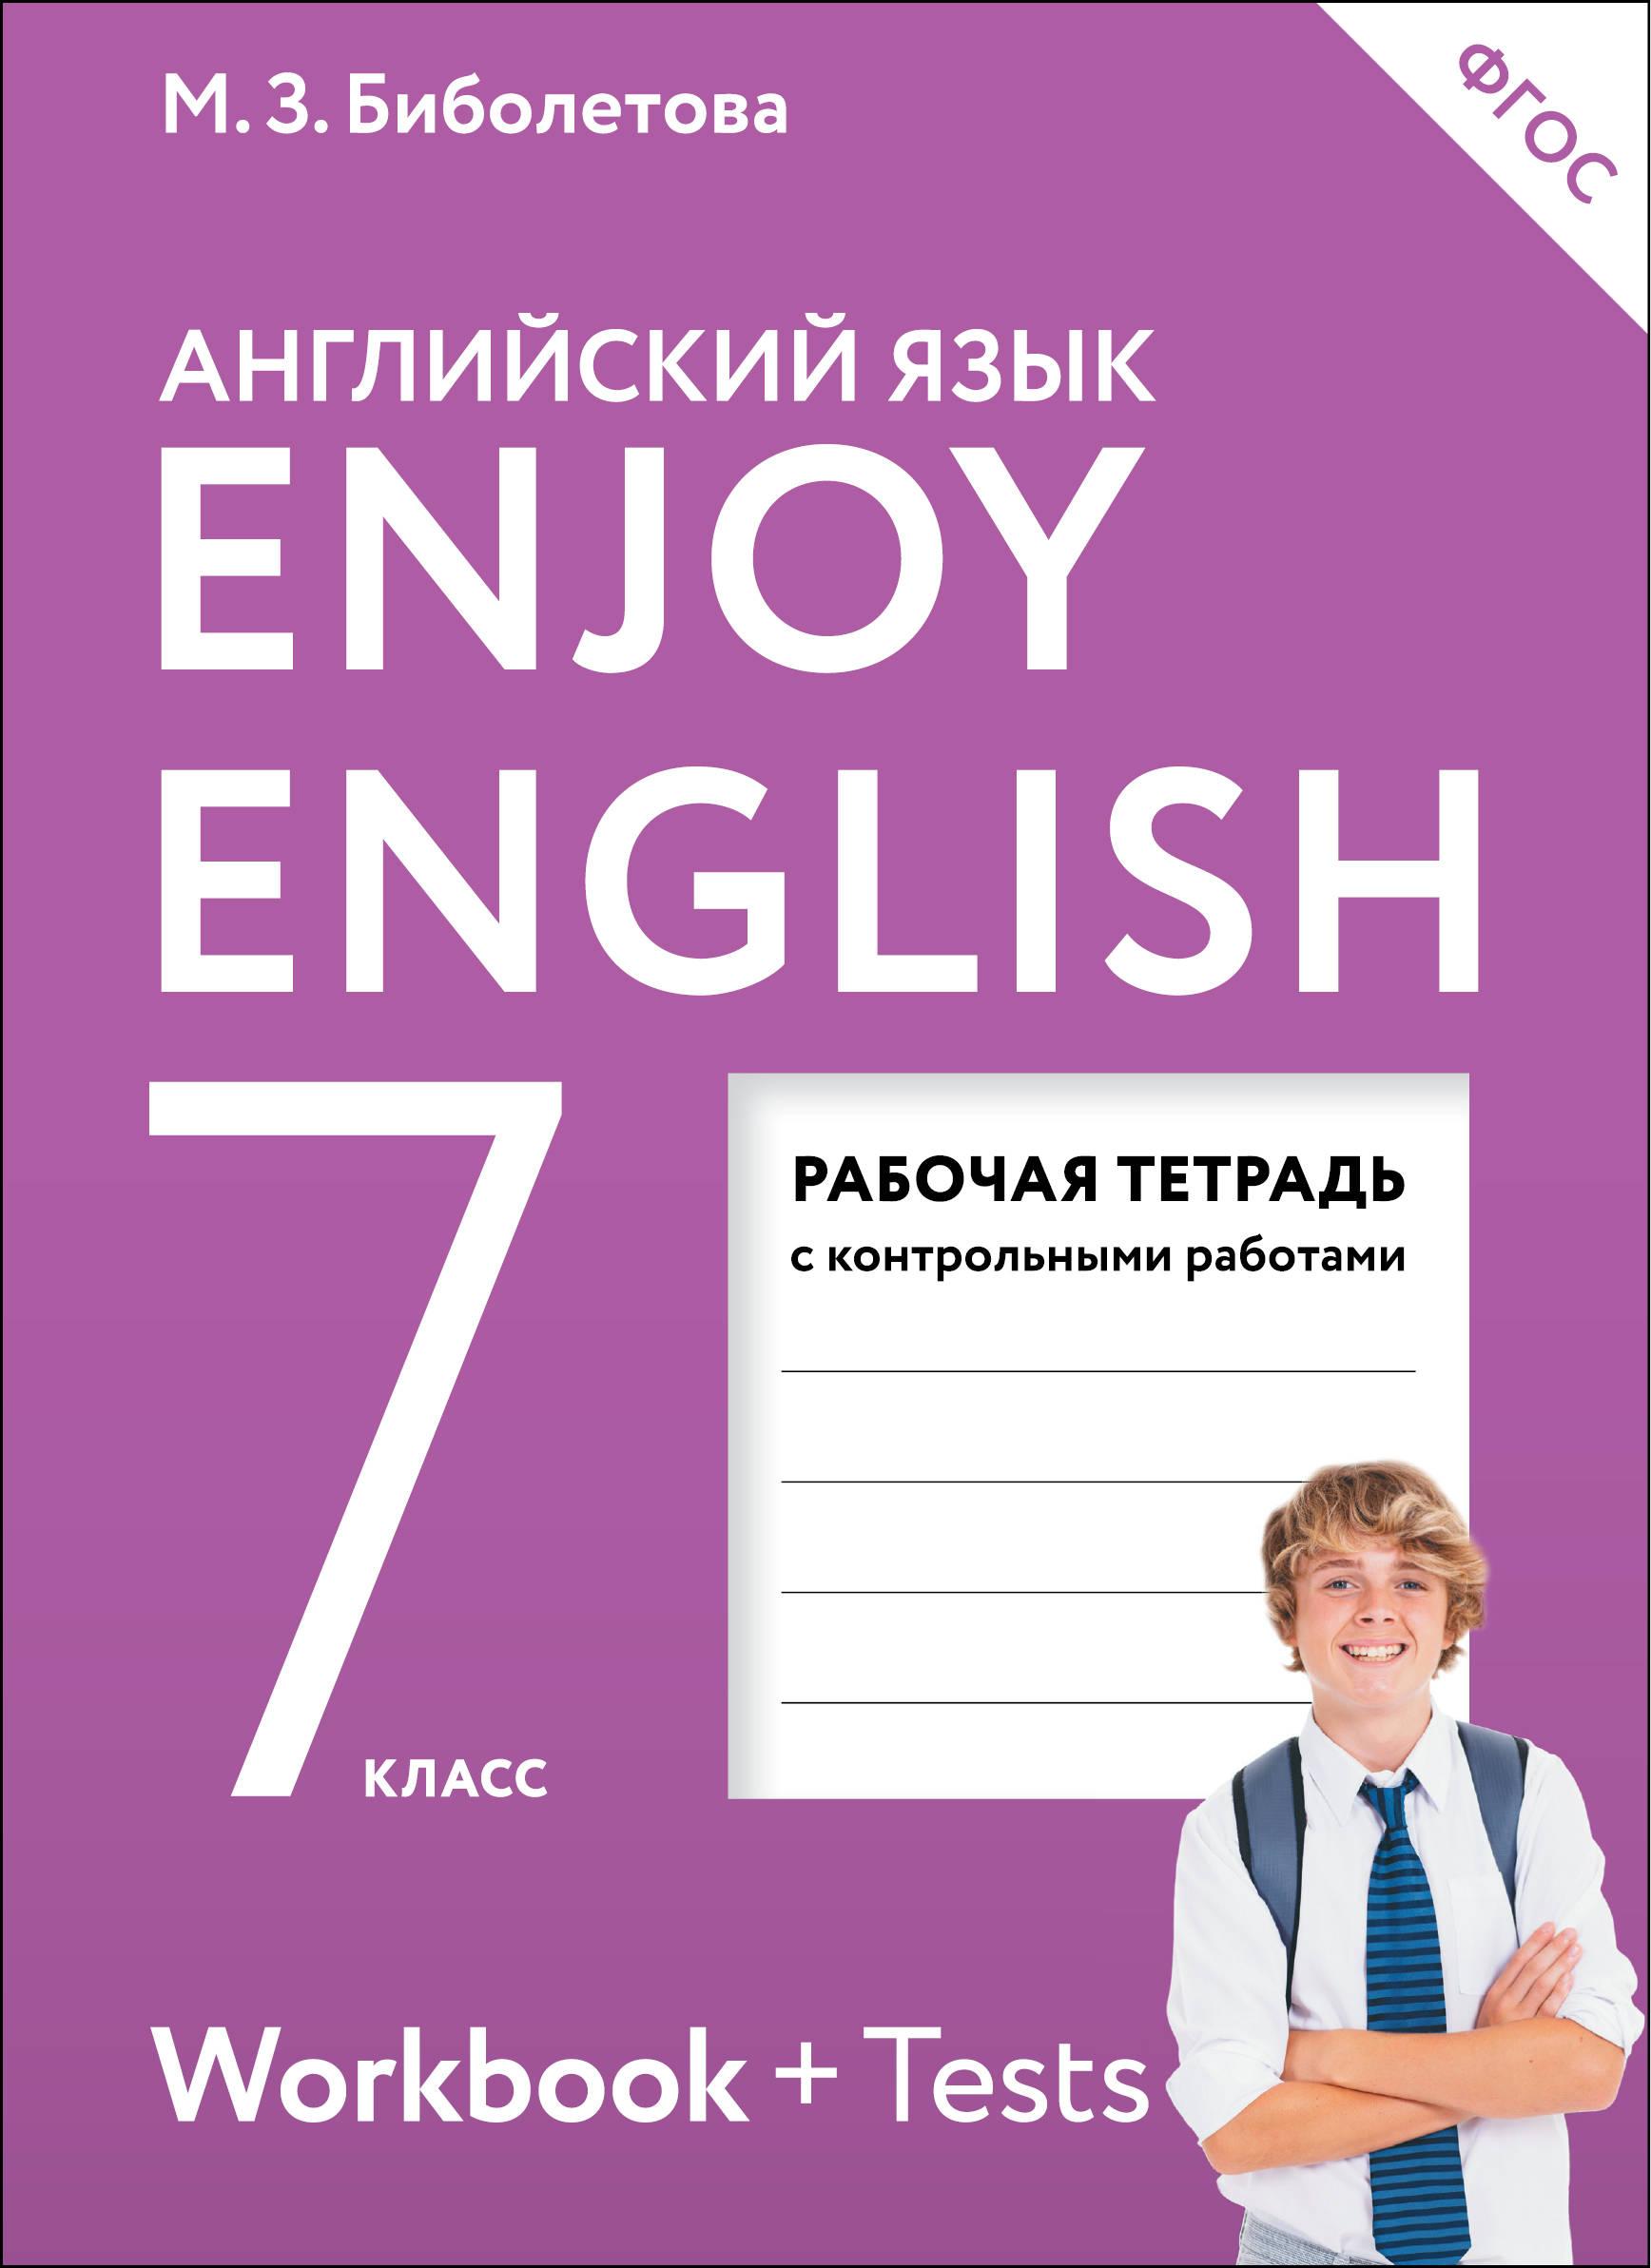 с 7 гдз класс по английскому удовольствием